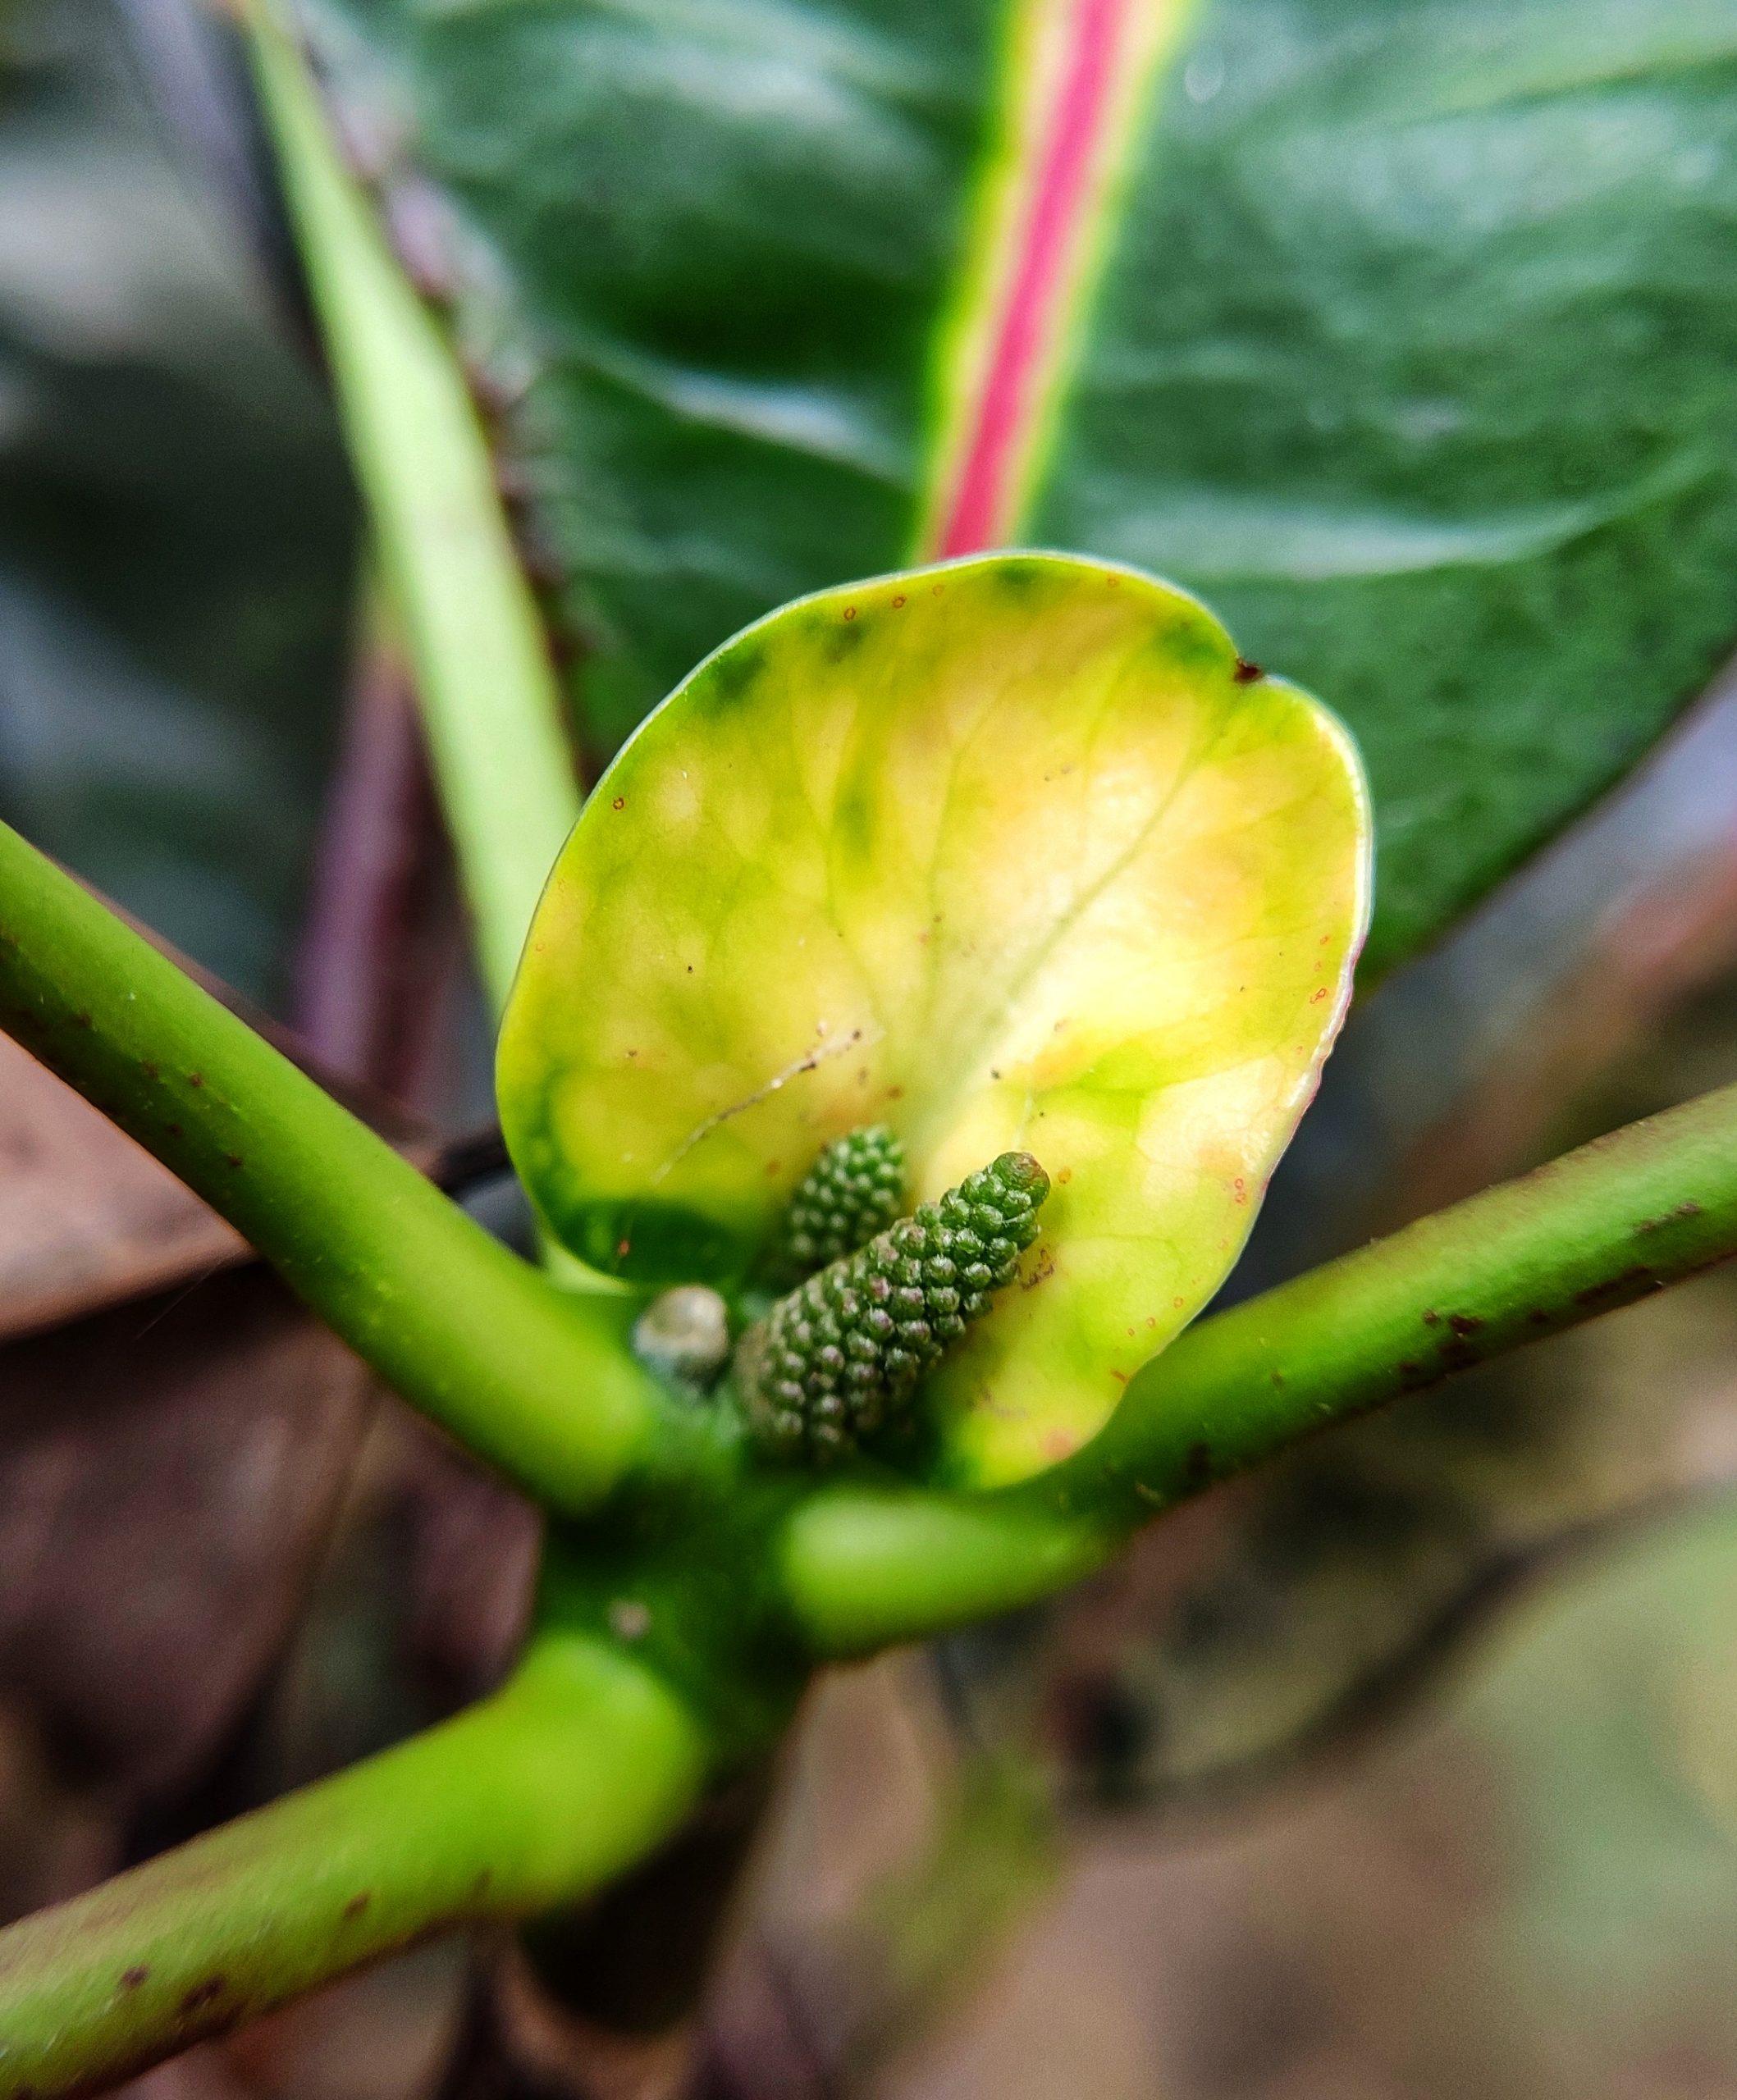 Green leaf and bud